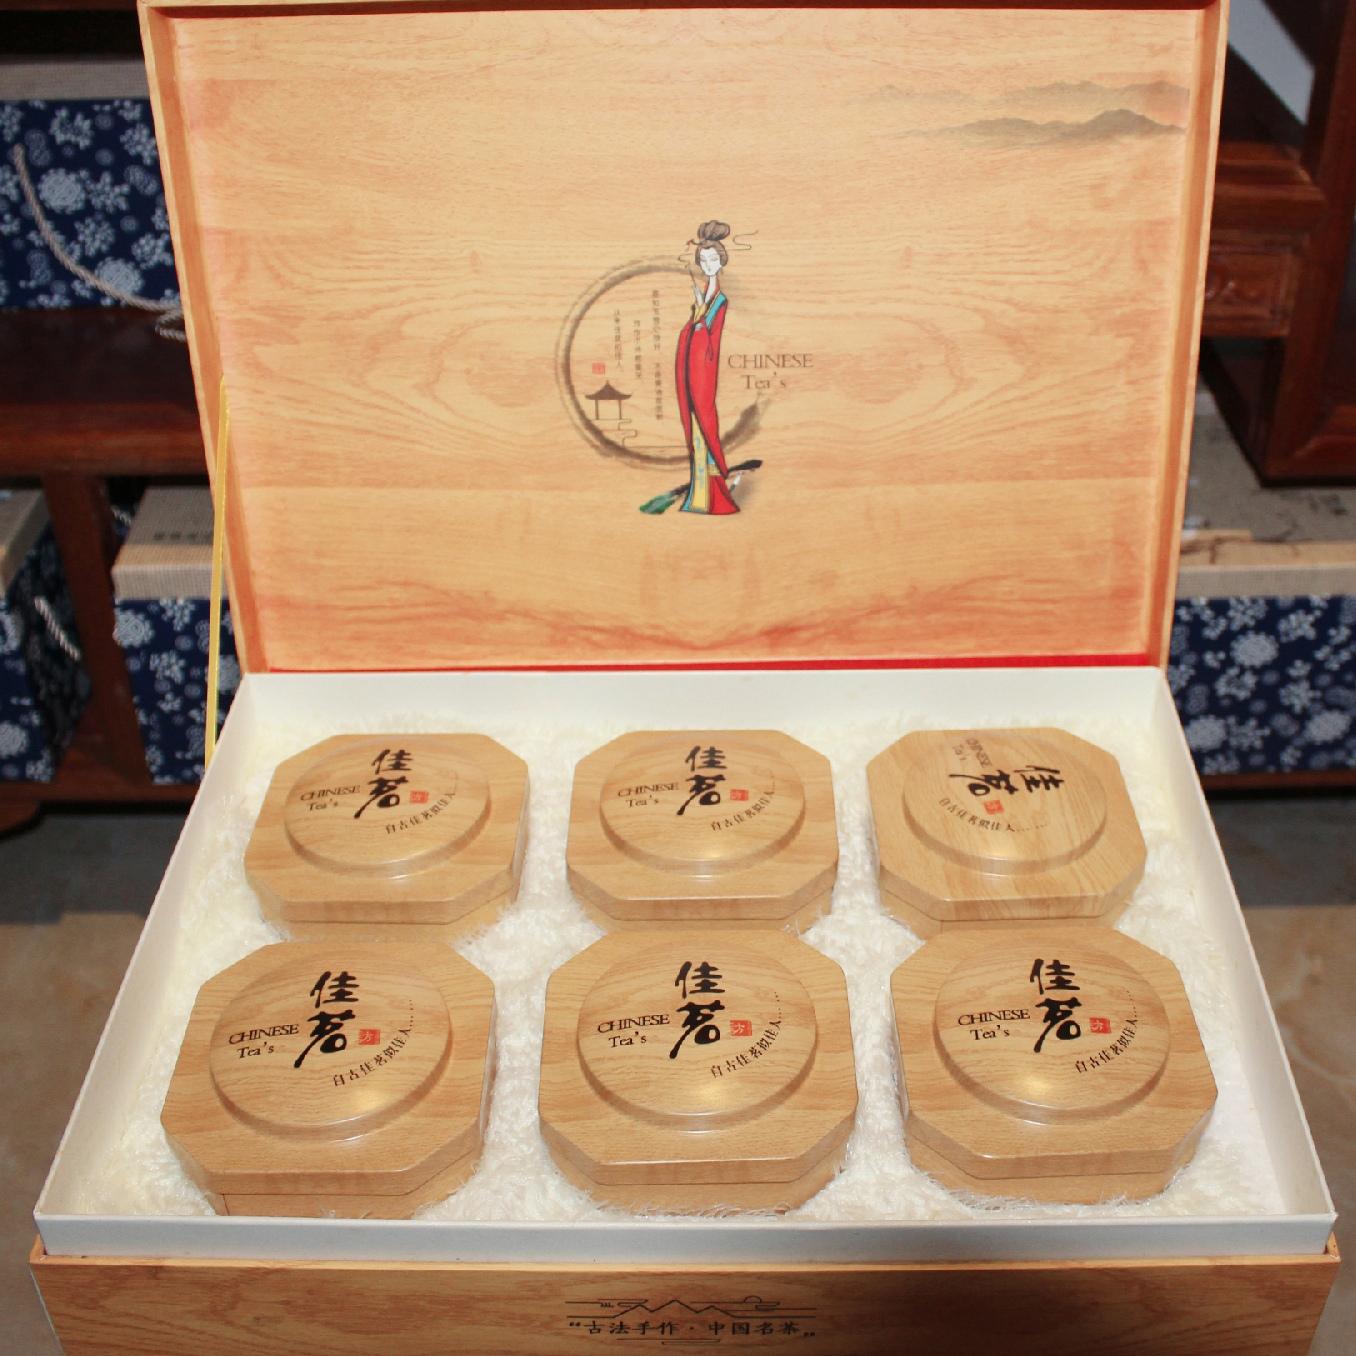 木竹山红茶,富硒茶,采用典型工艺制作而成....